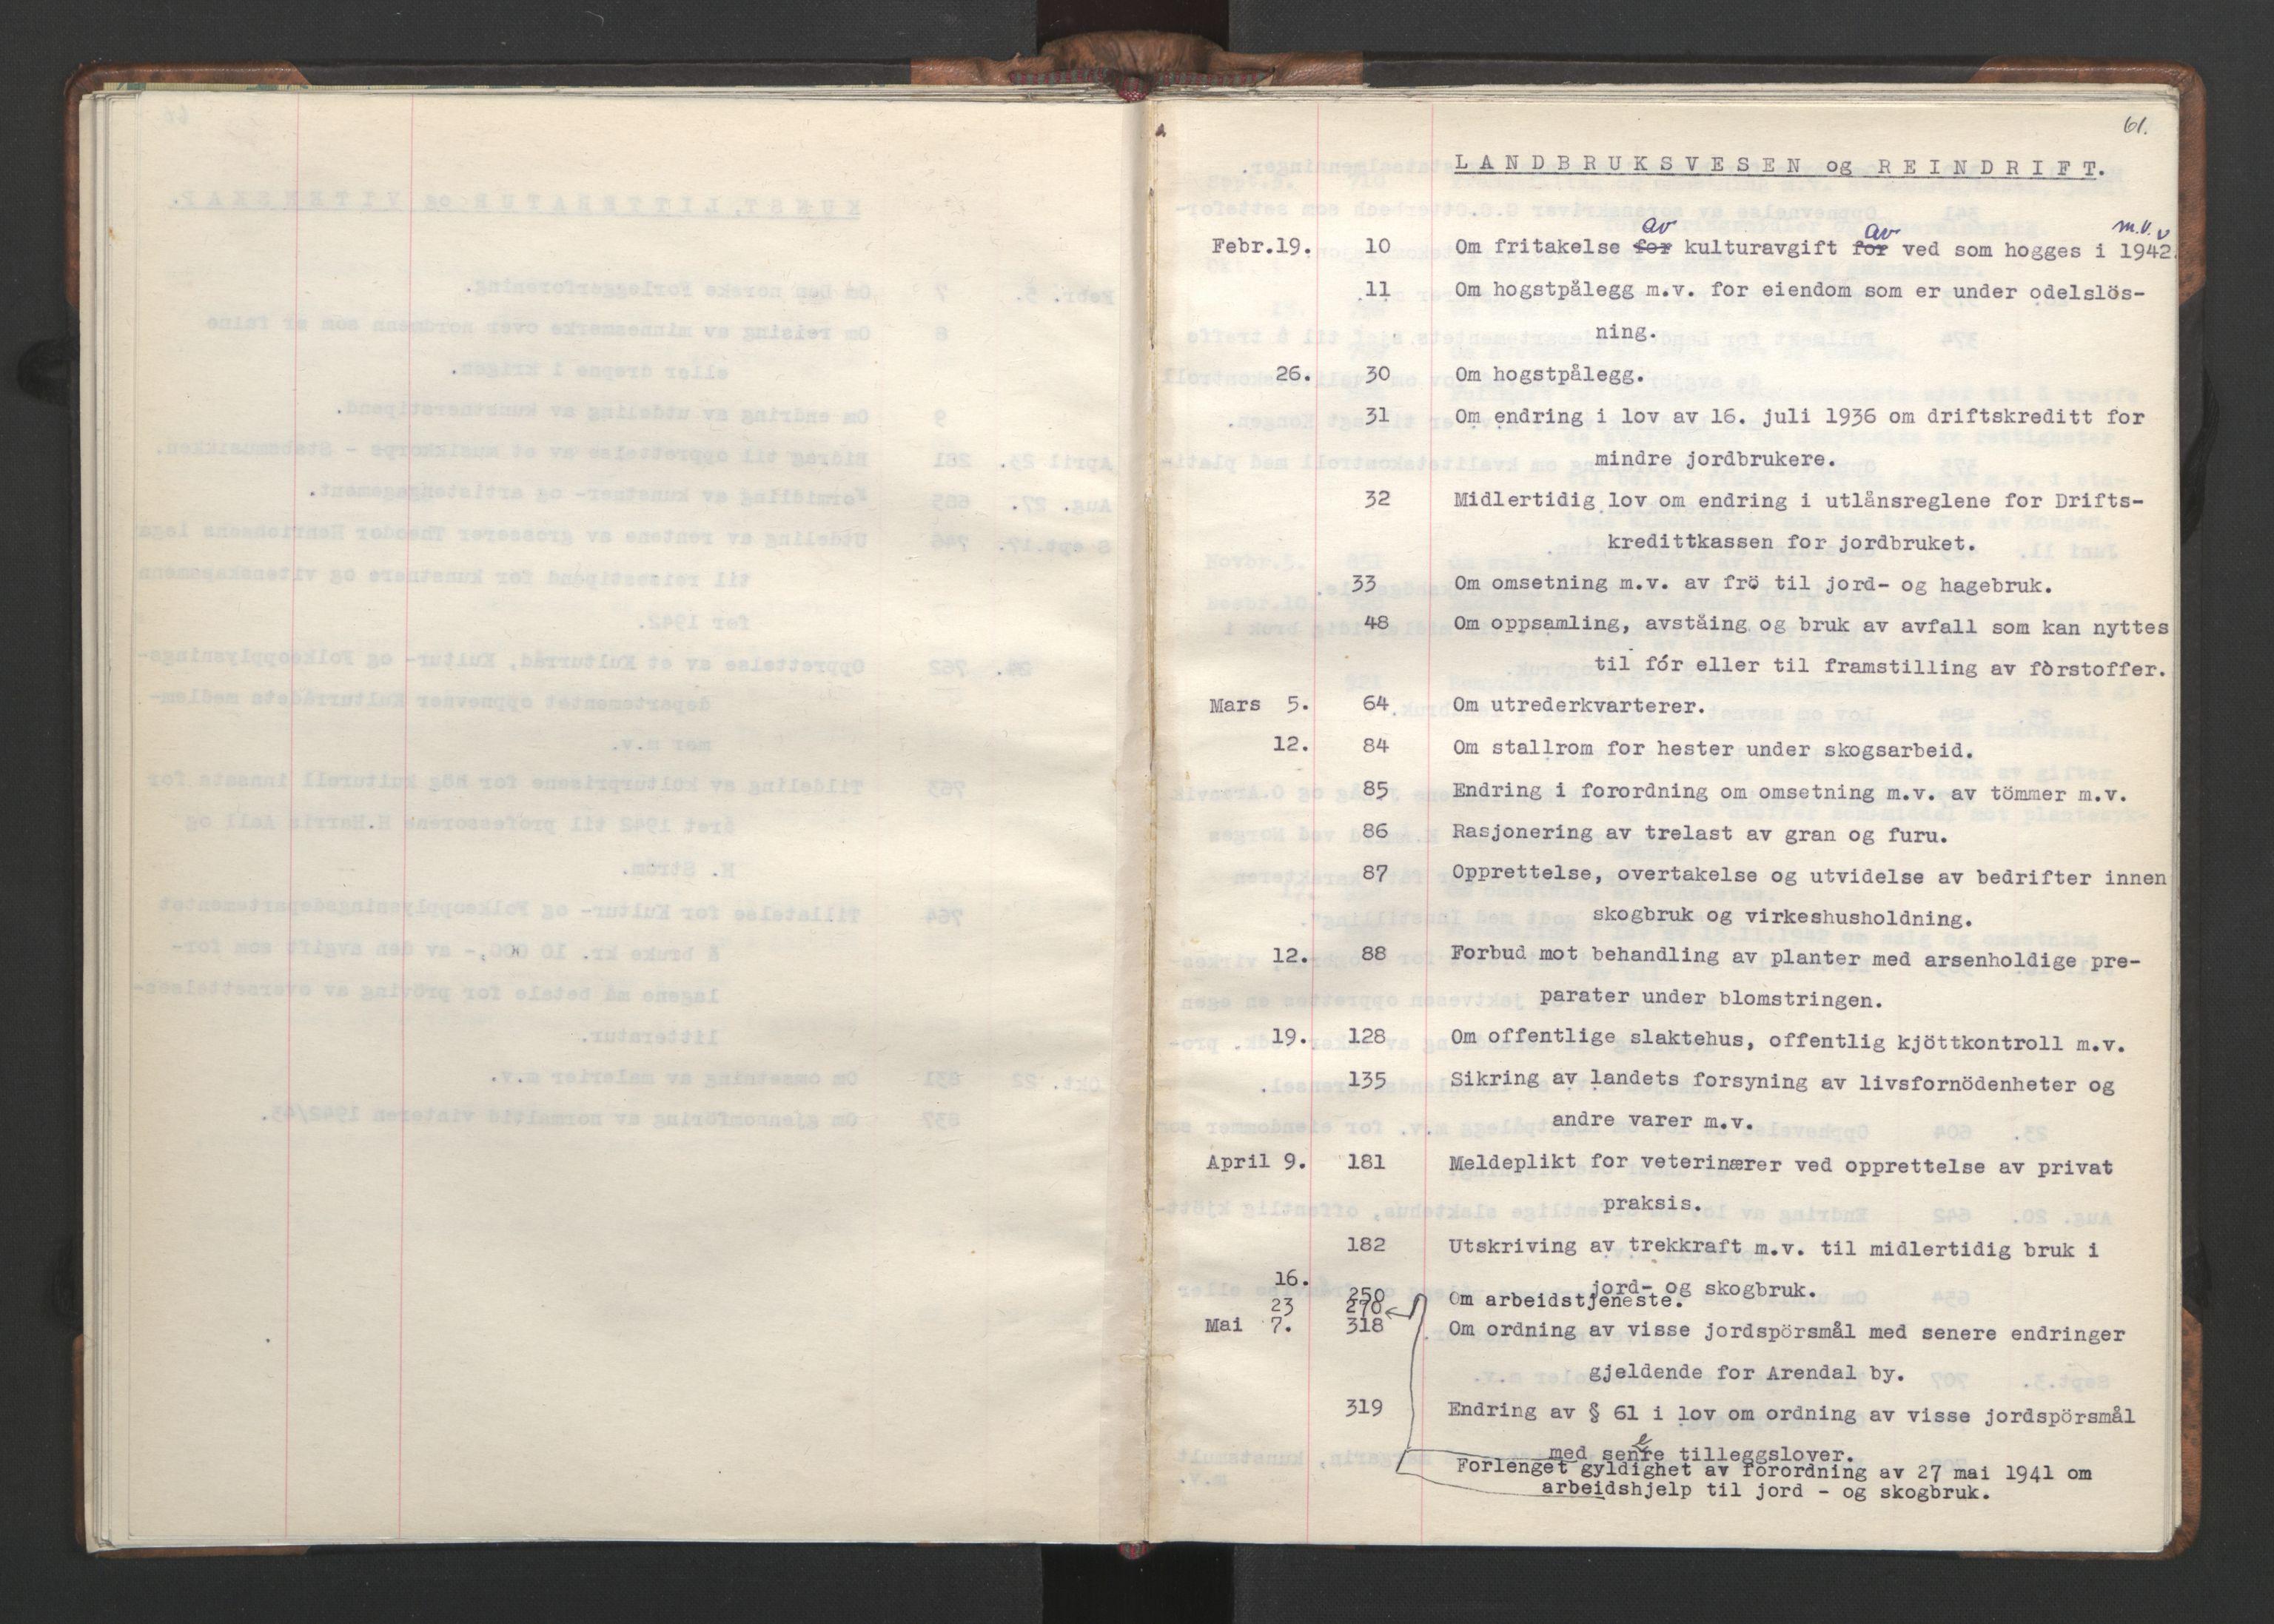 RA, NS-administrasjonen 1940-1945 (Statsrådsekretariatet, de kommisariske statsråder mm), D/Da/L0002: Register (RA j.nr. 985/1943, tilgangsnr. 17/1943), 1942, s. 60b-61a